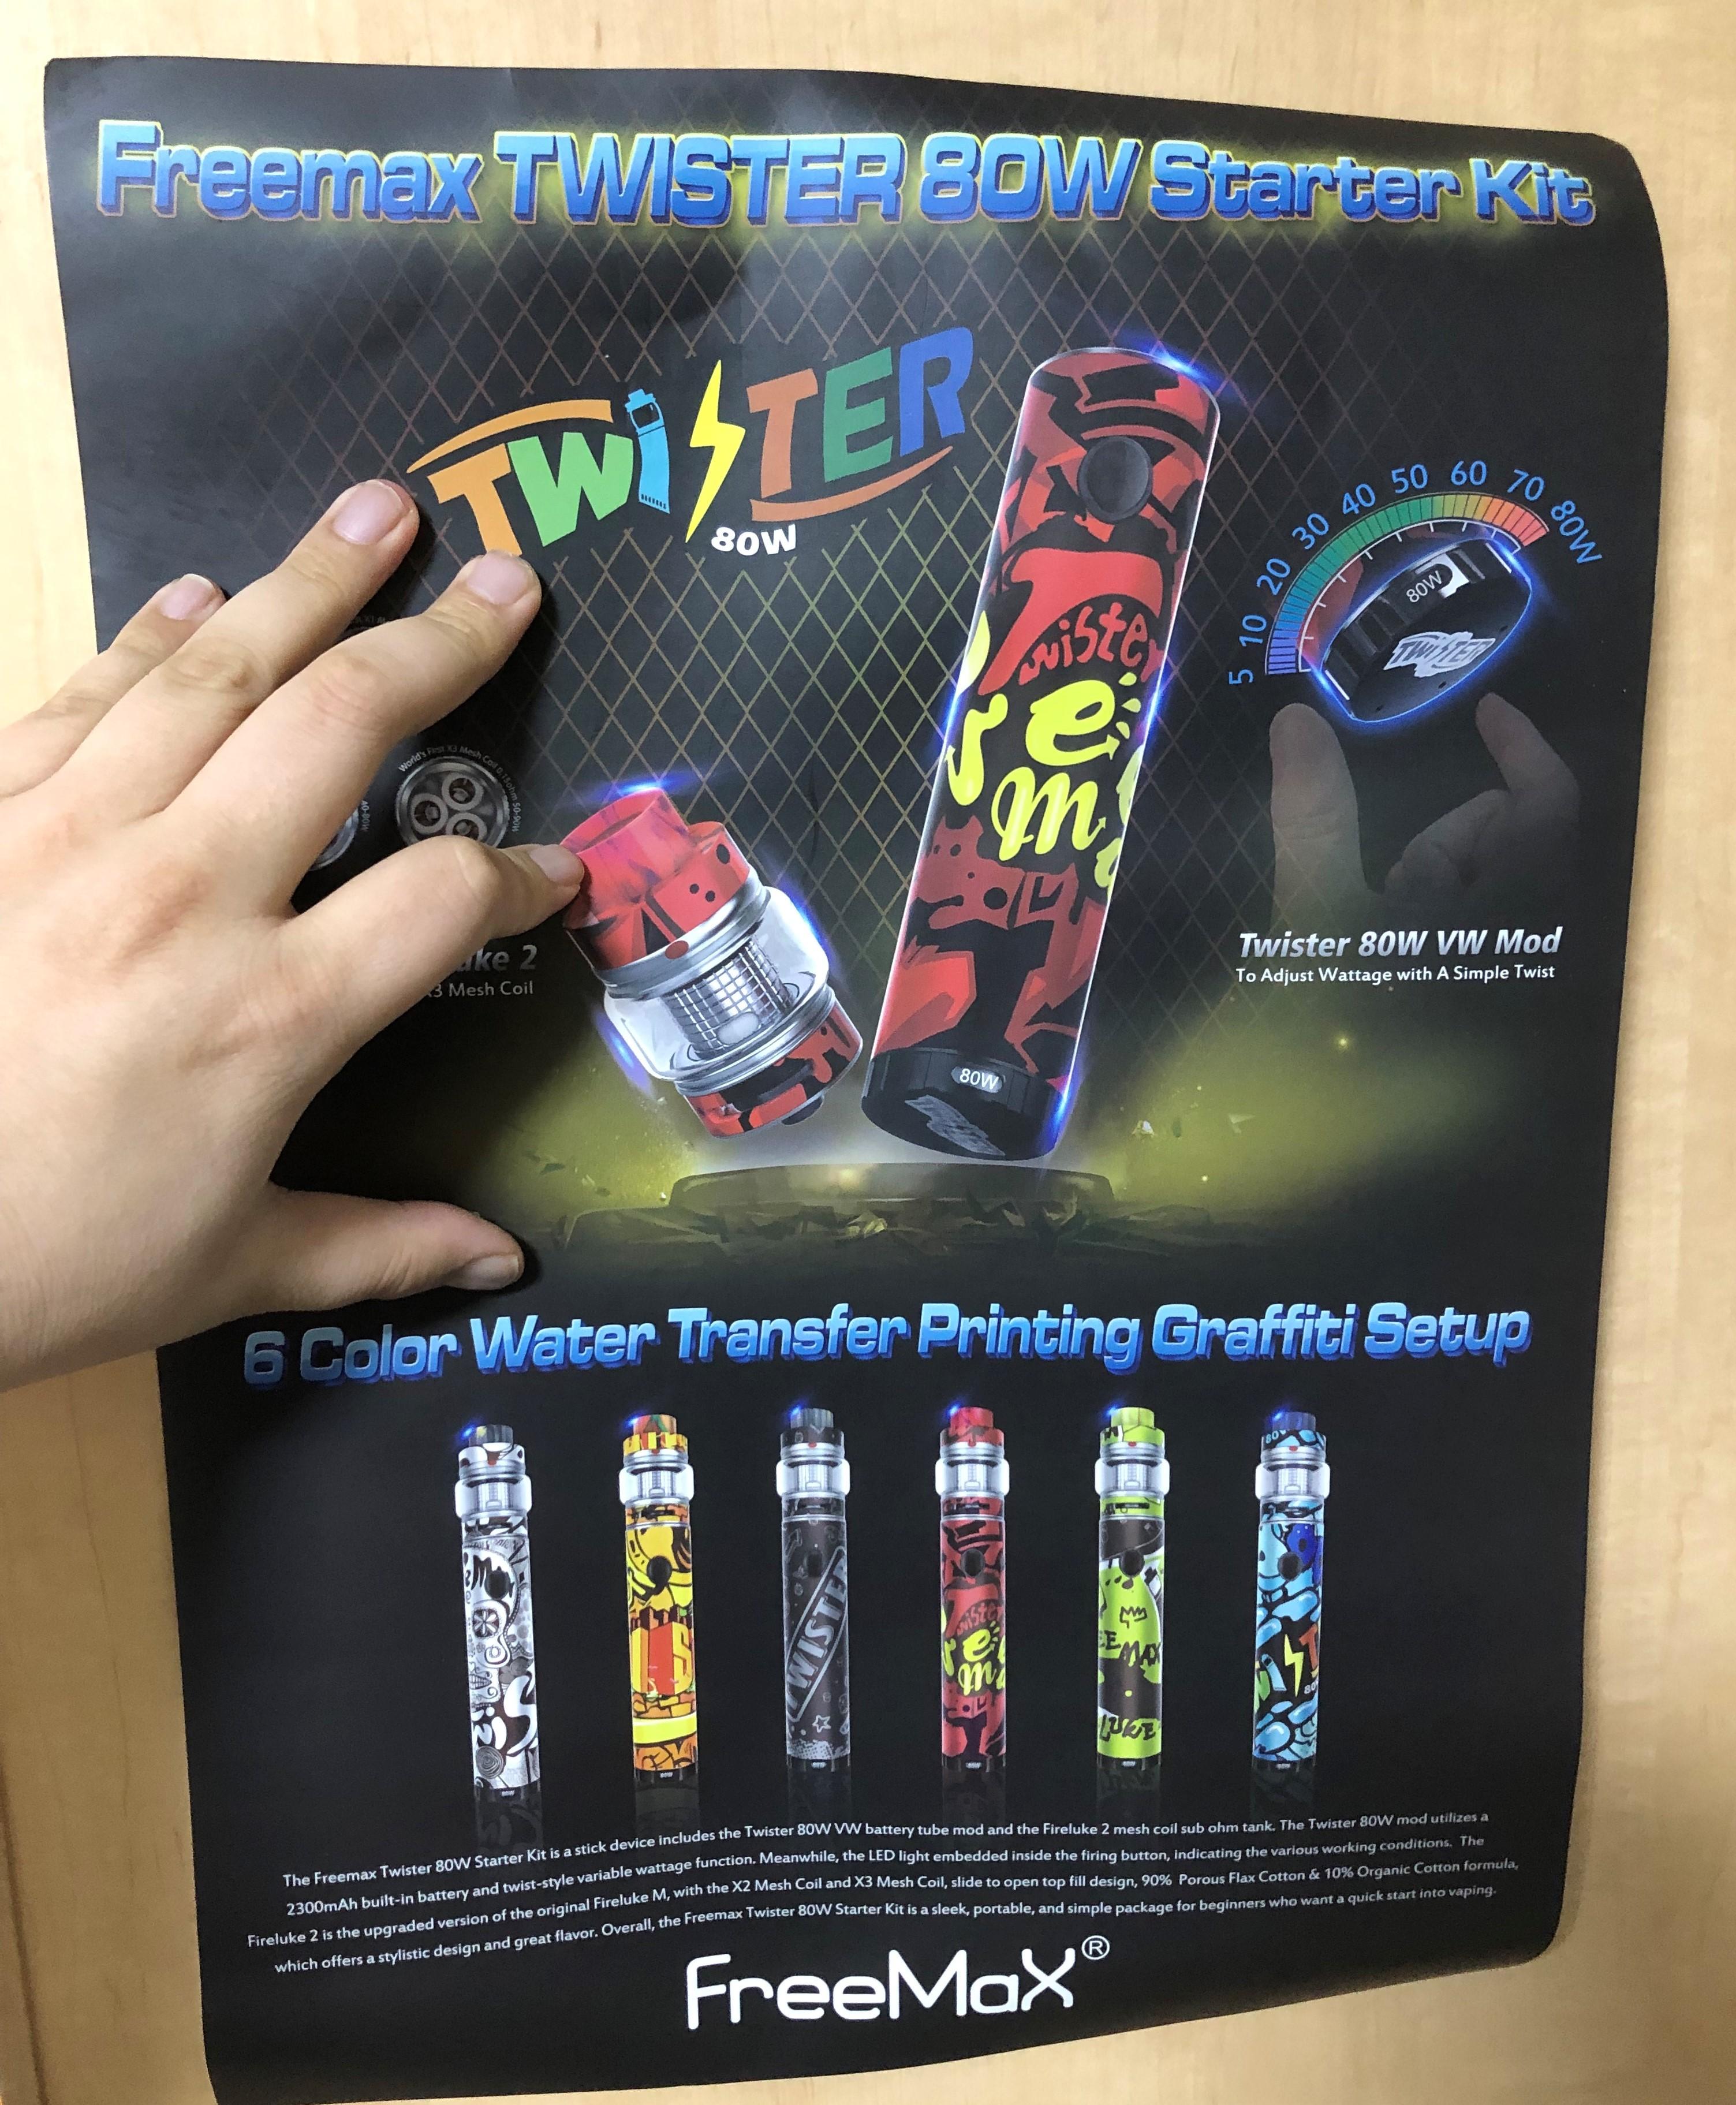 20190210 085138937 iOS - 【レビュー】Freemax社謹製!Twister 80W 爆煙 Starter Kit+タンクセットを吸ってFreemaxの本気モードを感じた